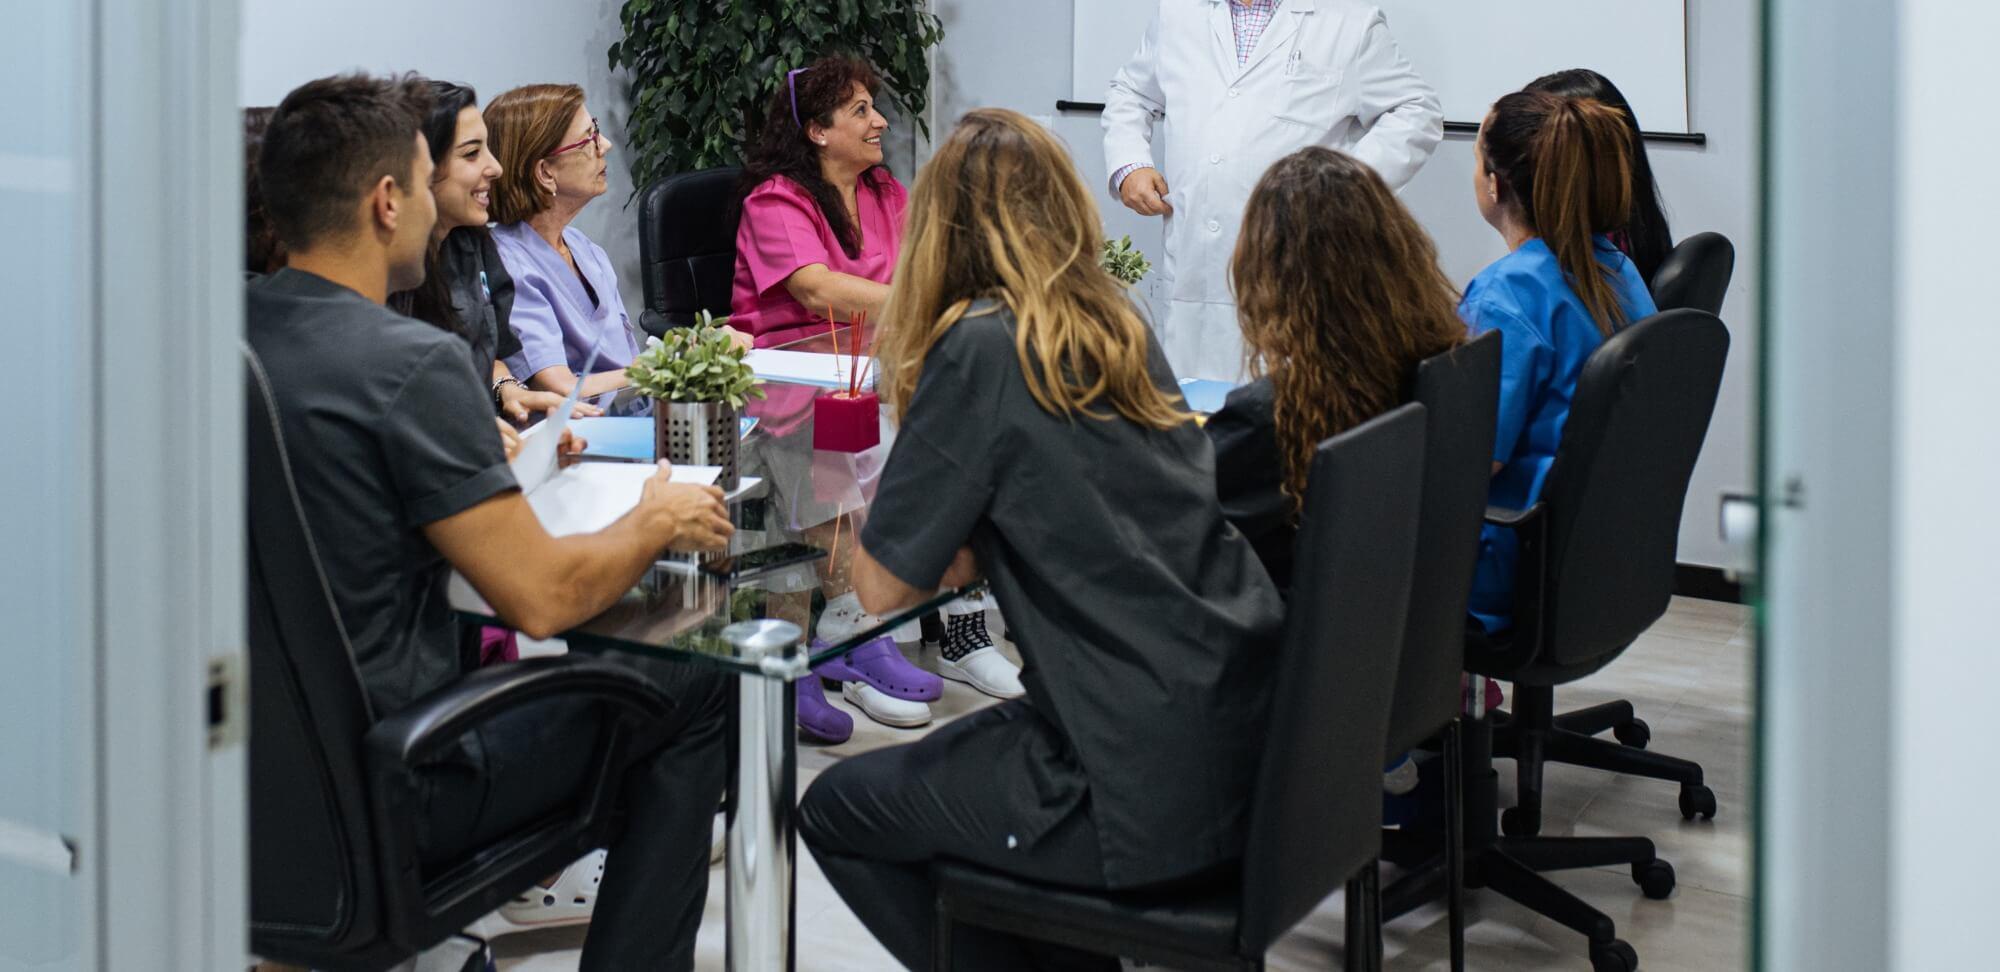 gestão escolar: imagem de uma reunião de pessoas